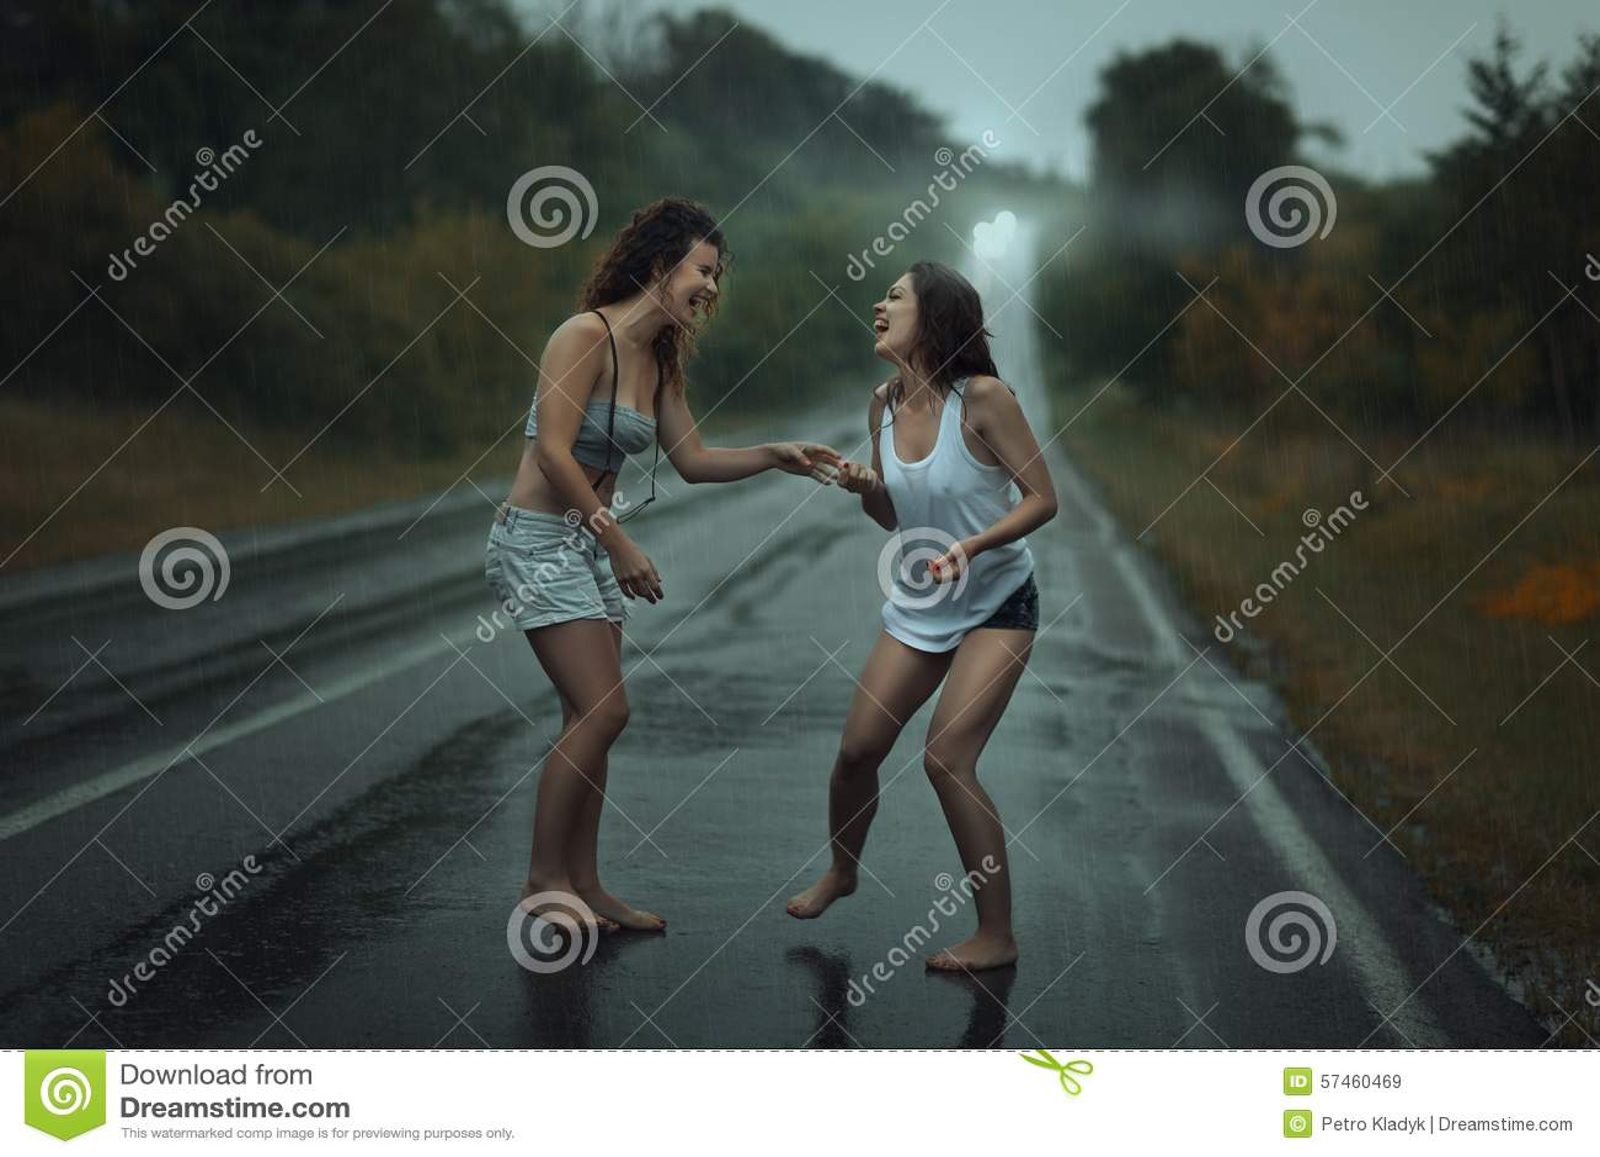 Women fucking me with dildos